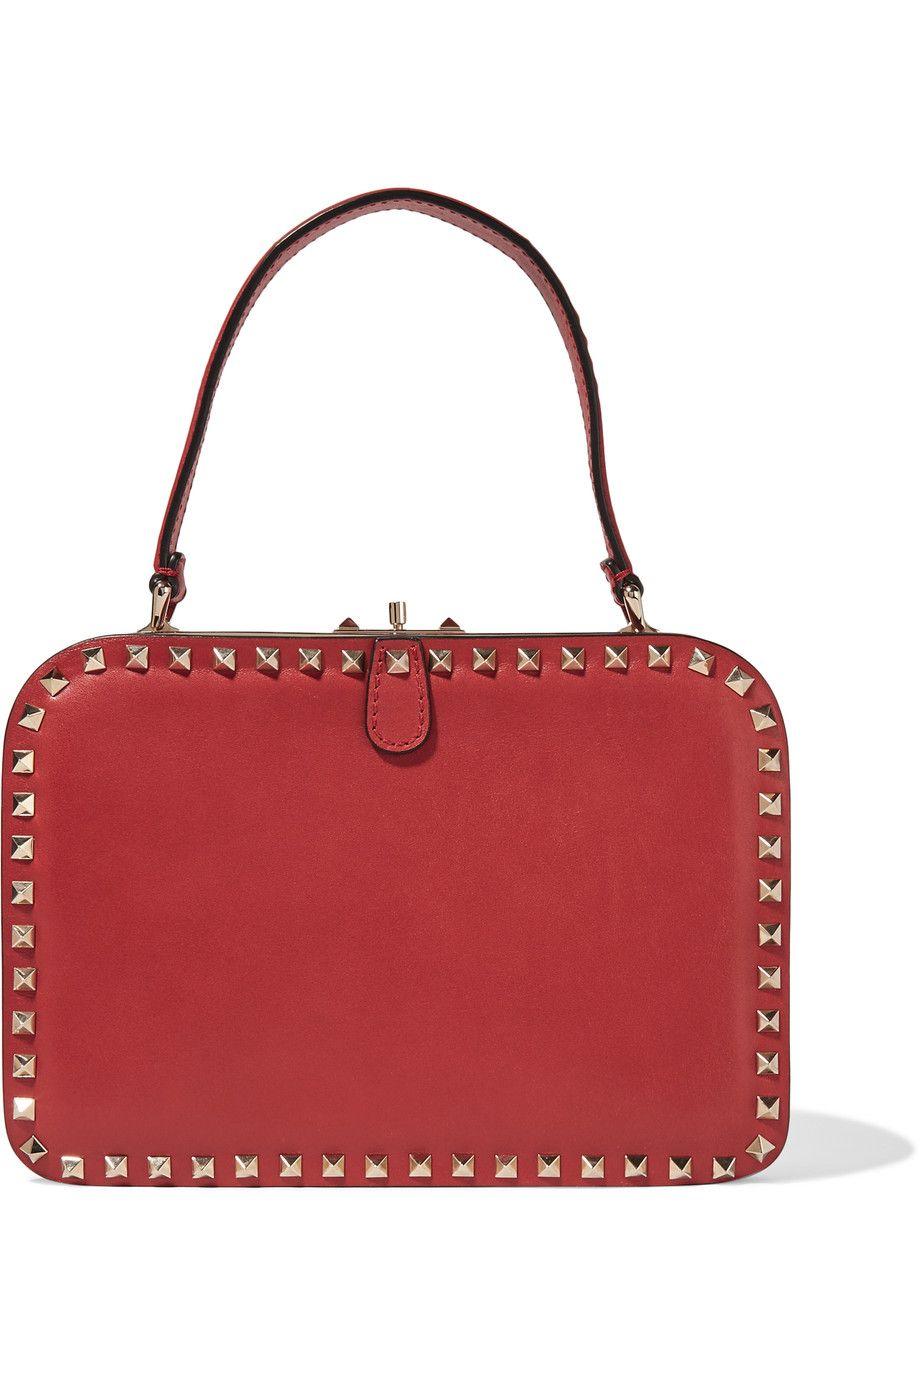 176b044b6e3 VALENTINO Rockstud Leather Shoulder Bag. #valentino #bags #shoulder bags  #hand bags #leather